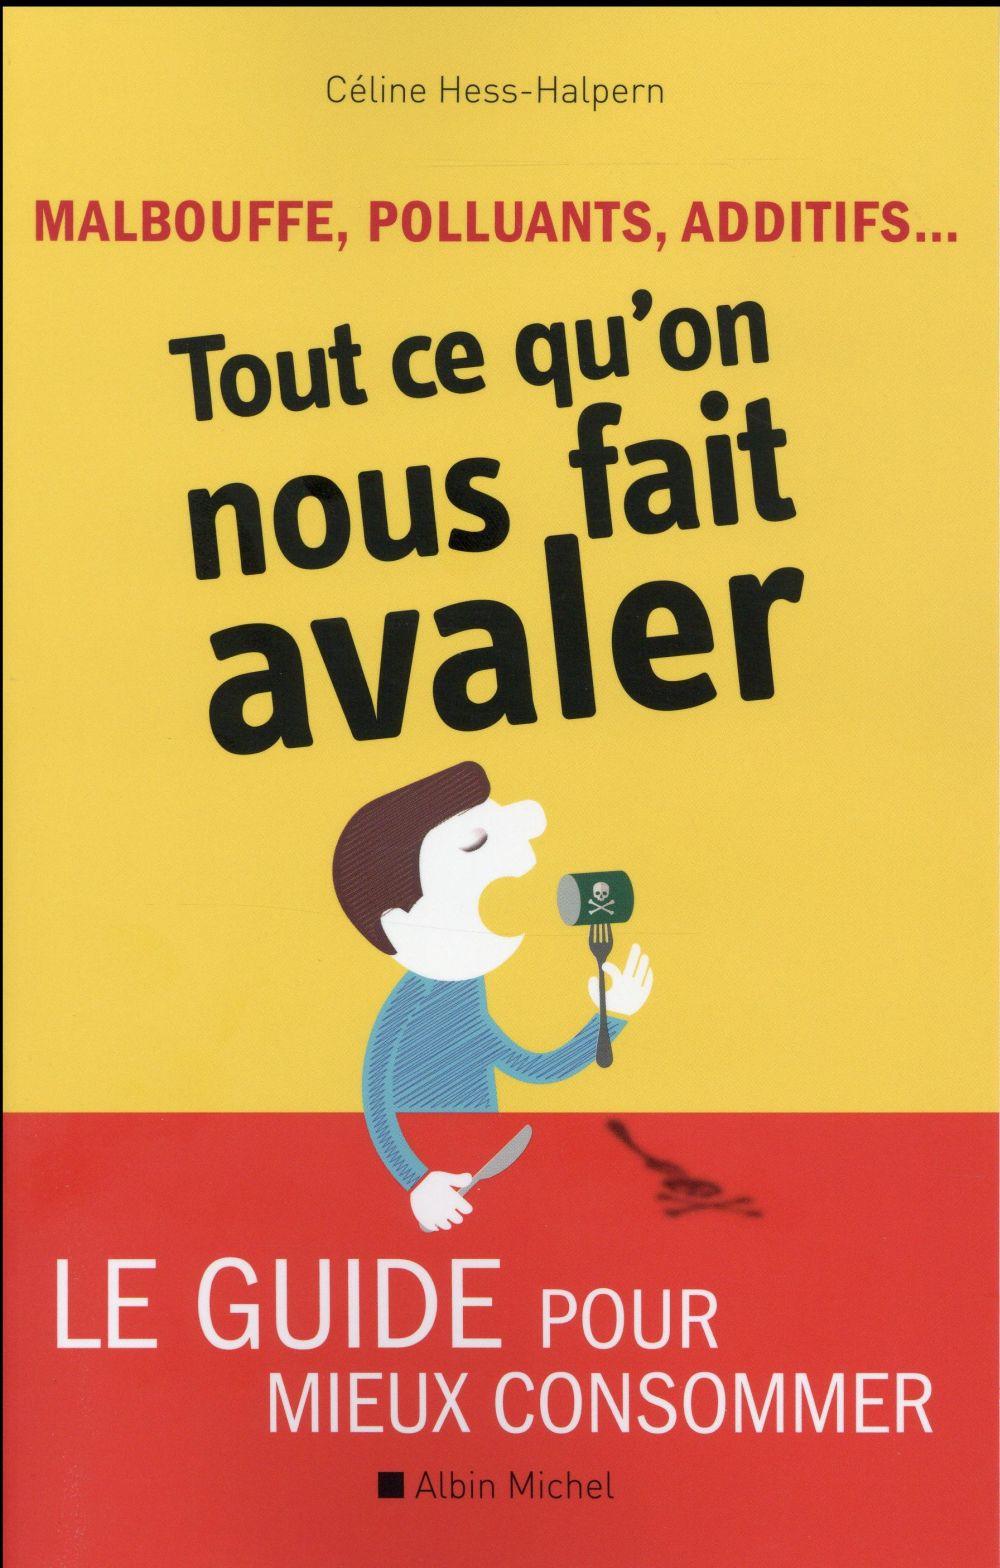 MALBOUFFE, POLLUANTS, ADDITIFS... TOUT CE QU'ON NOUS FAIT AVALER - LE GUIDE POUR MIEUX CONSOMMER